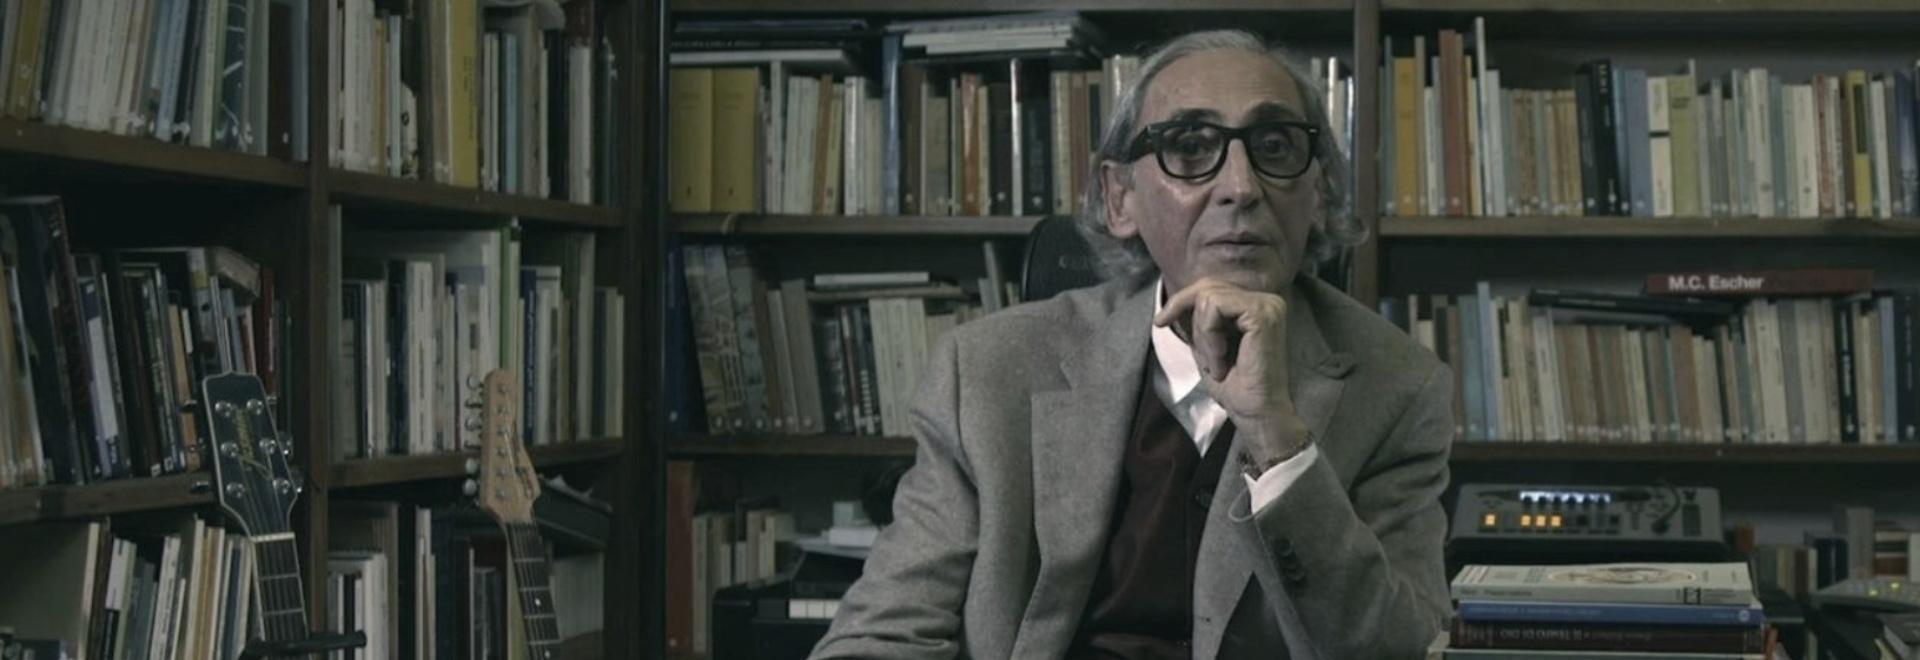 Franco Battiato - Le nostre anime